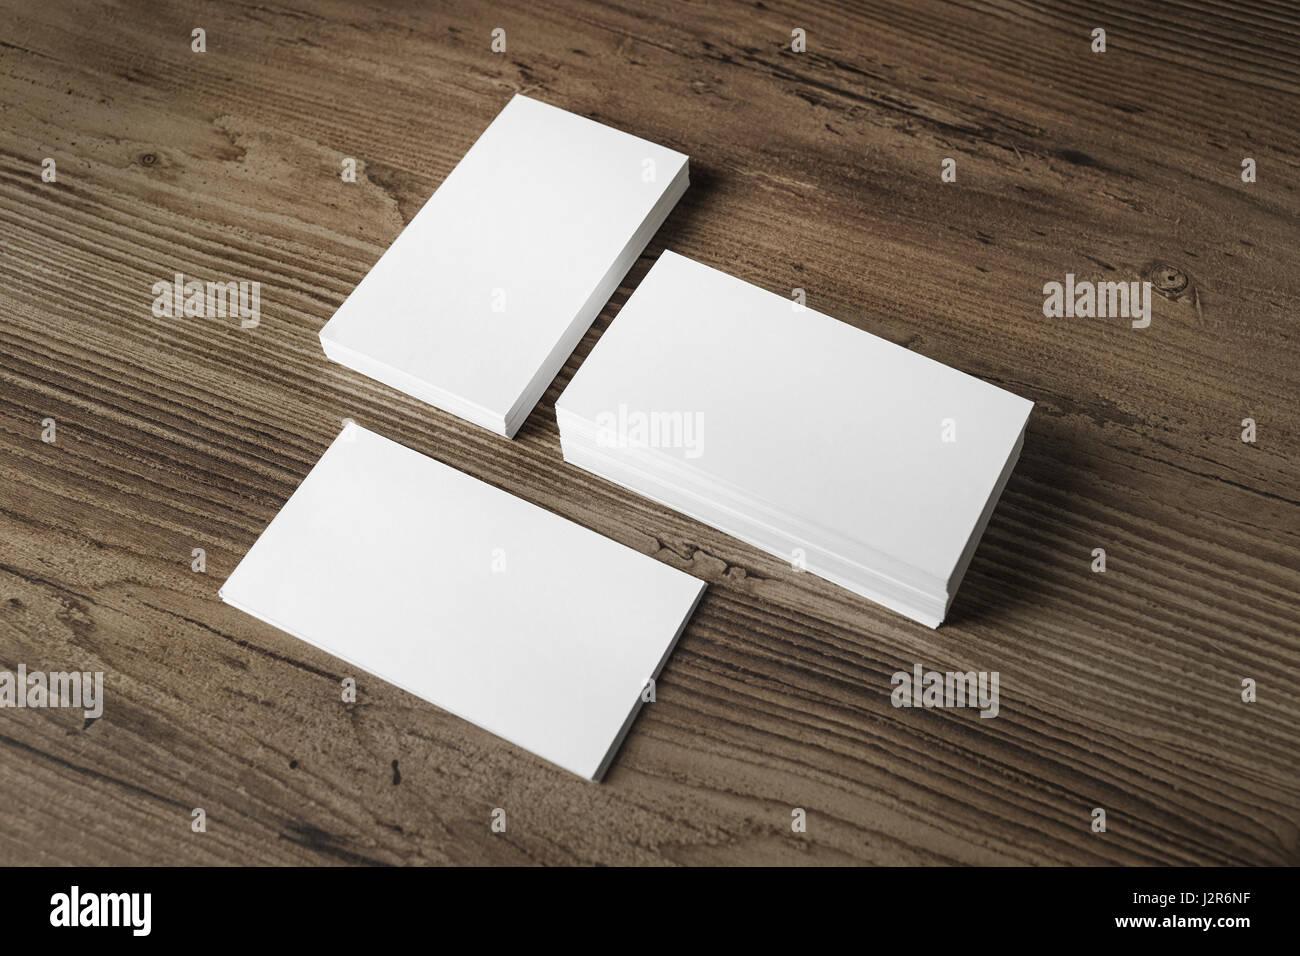 Mock Up Von Drei Leere Visitenkarten Stacks Auf Holztisch